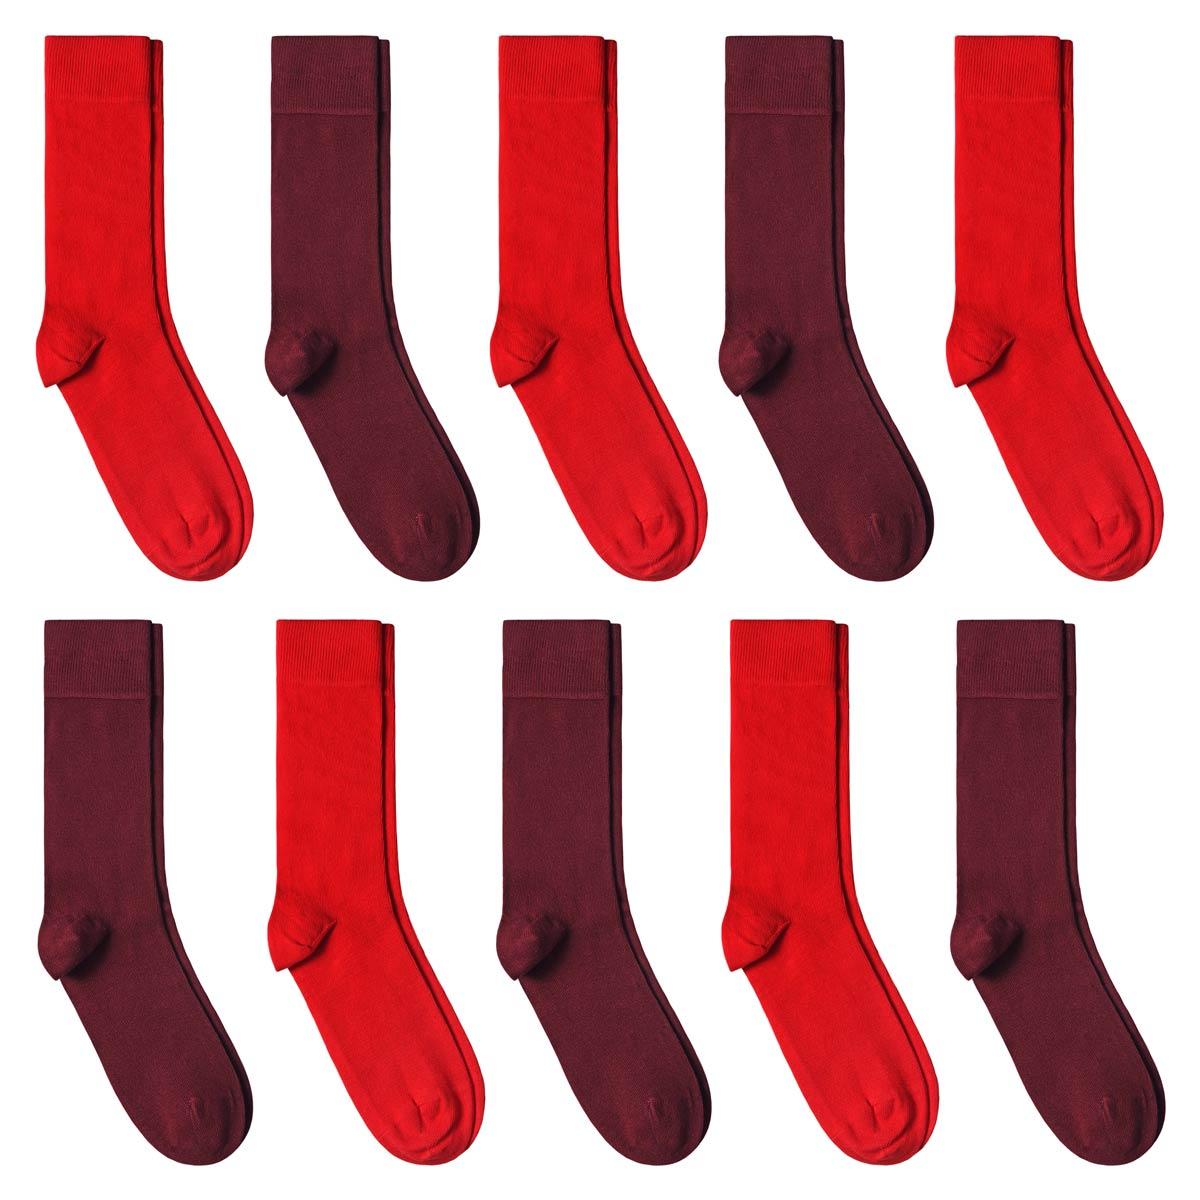 CH-00726_A12-1--_Lot-10-paires-de-chaussettes-homme-assorties-rouges-unies